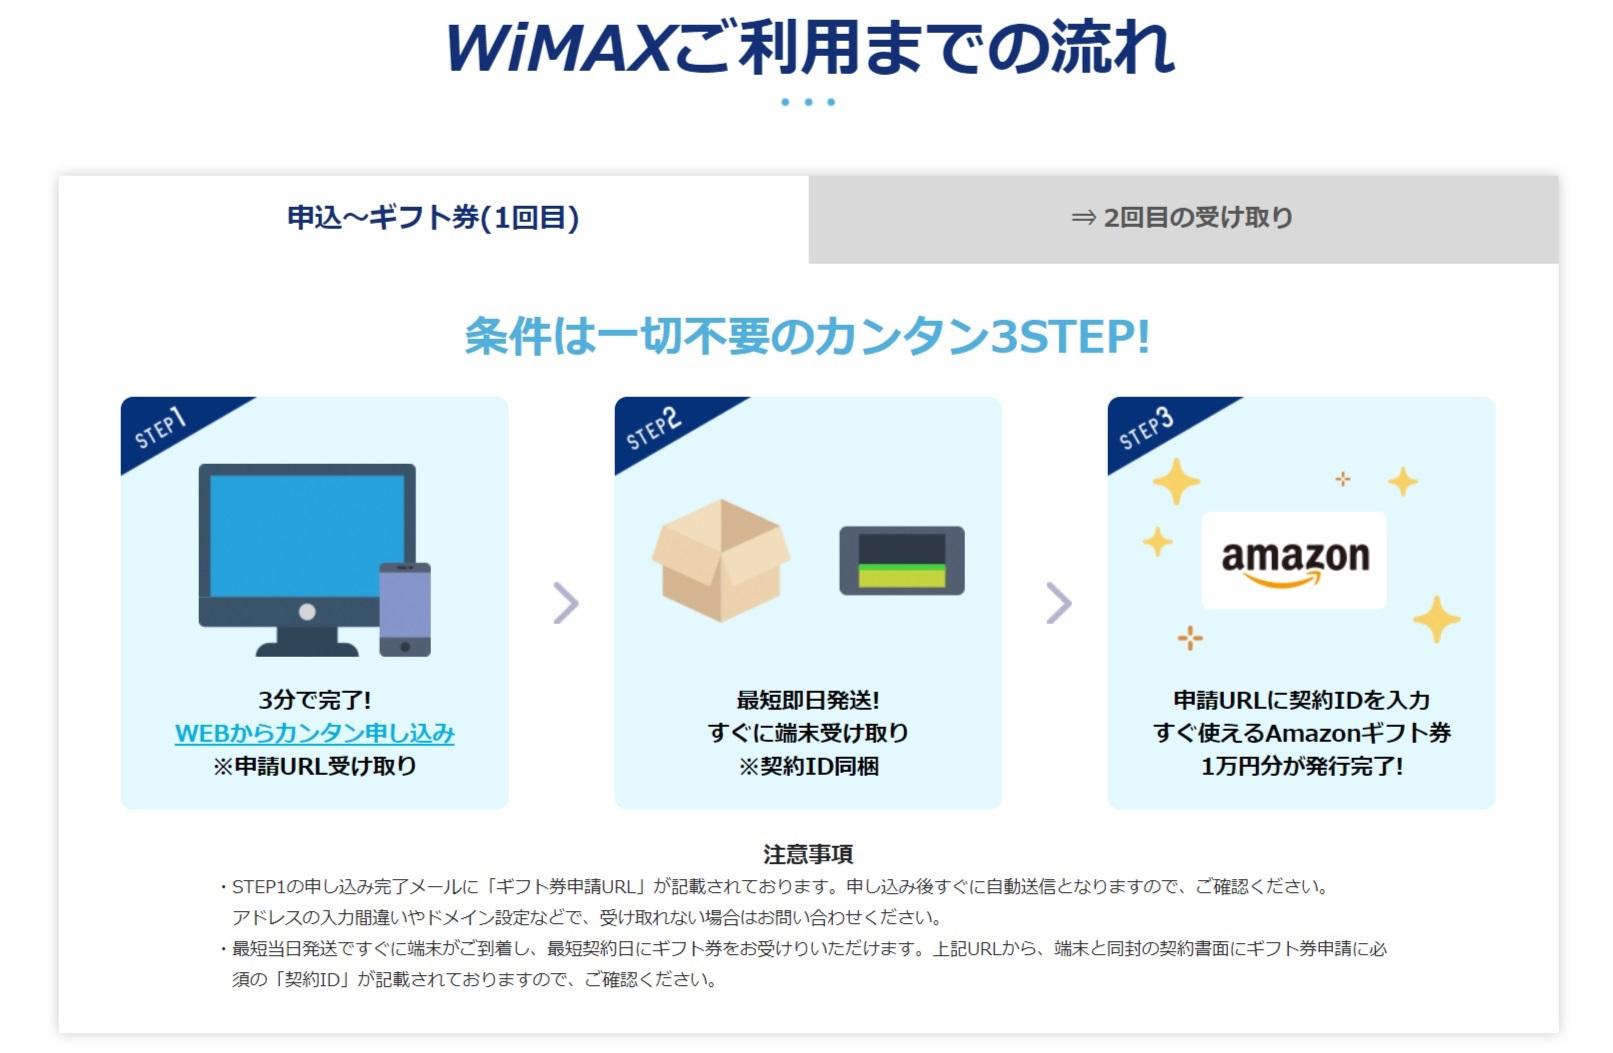 JPWiMAX 申込みの流れ